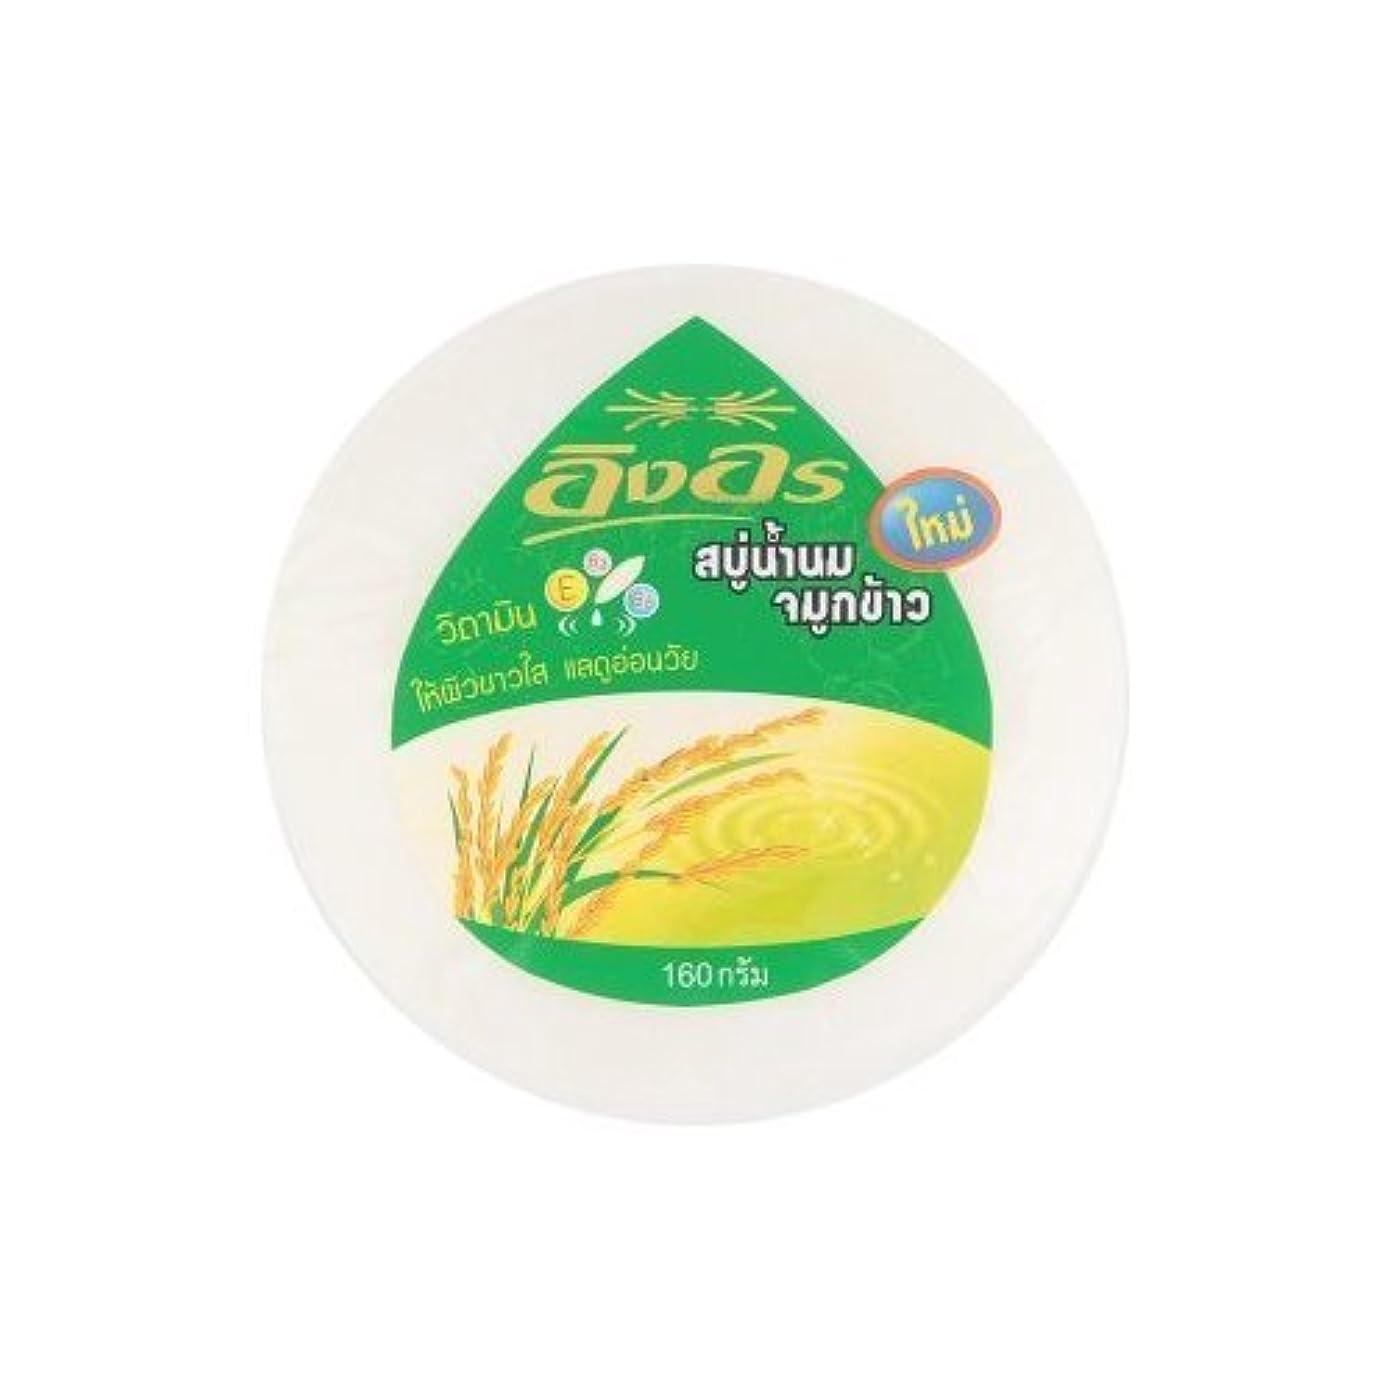 出発するナビゲーション悲観的Ni Yom Thai shop Ing on : Wheat Germ Milk Herbal Soap Bar 5.64 Oz. Made in Thailand